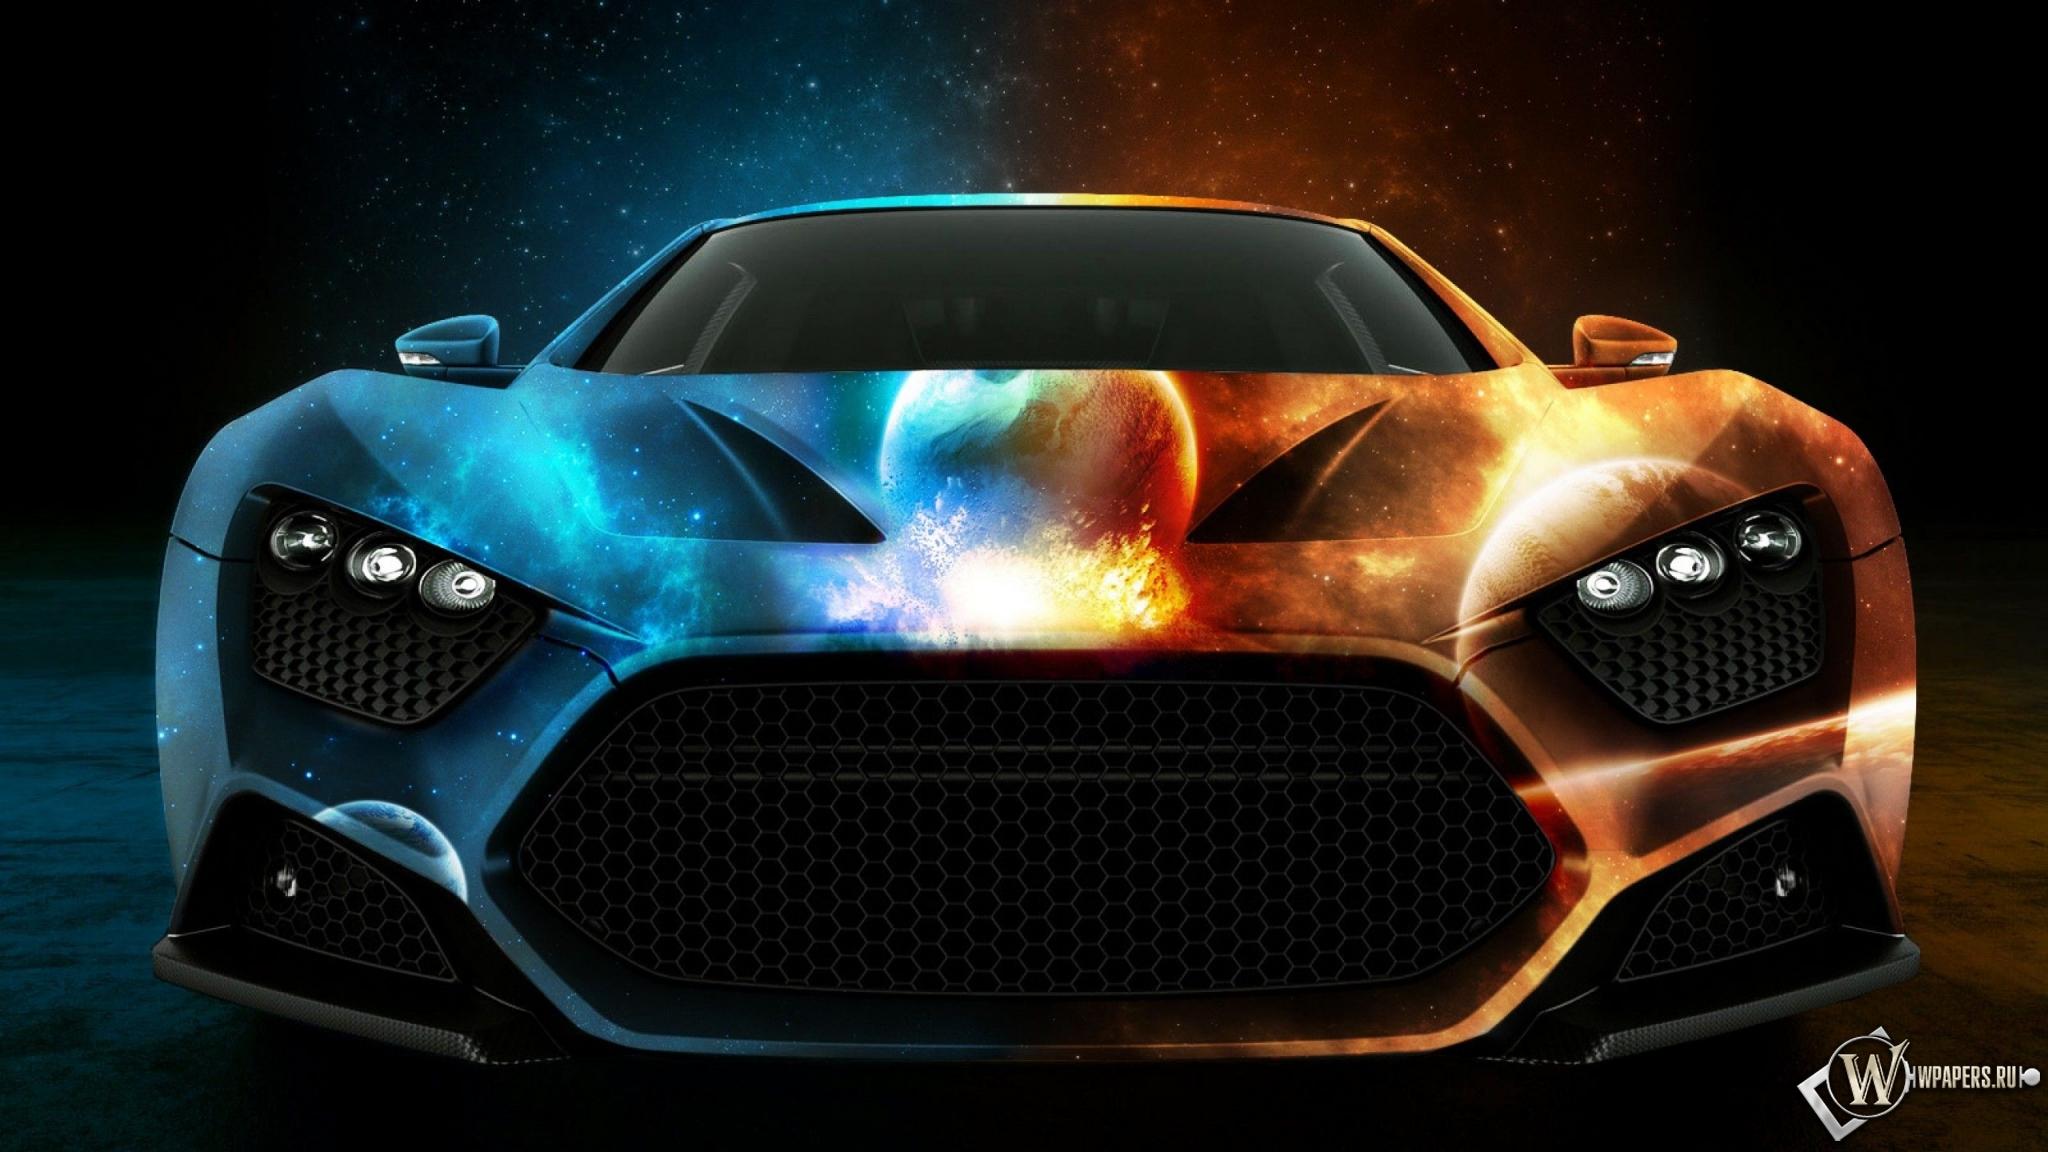 Машина двух миров 2048x1152